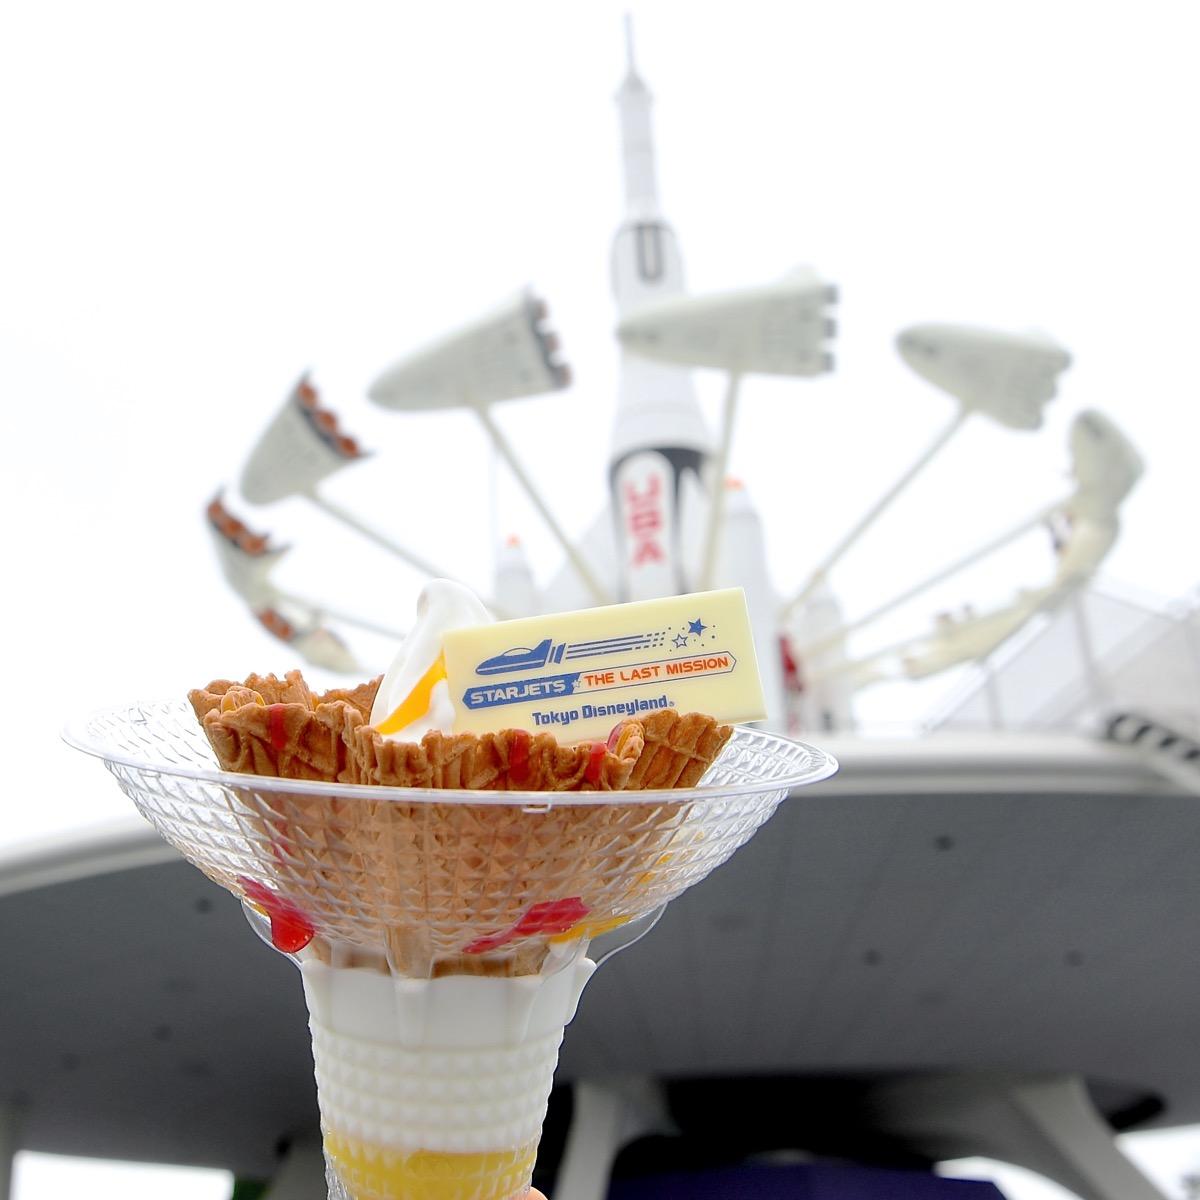 スーペースサンデー&スタージェットザラストミッション